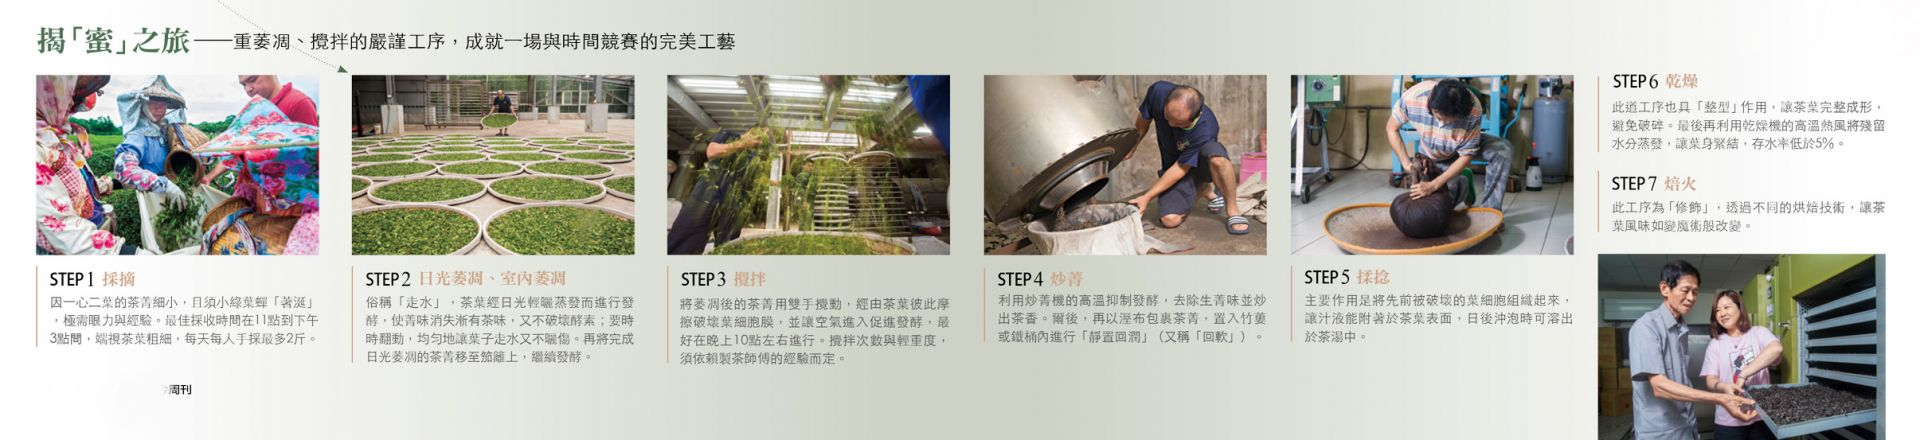 東方美人茶製作過程